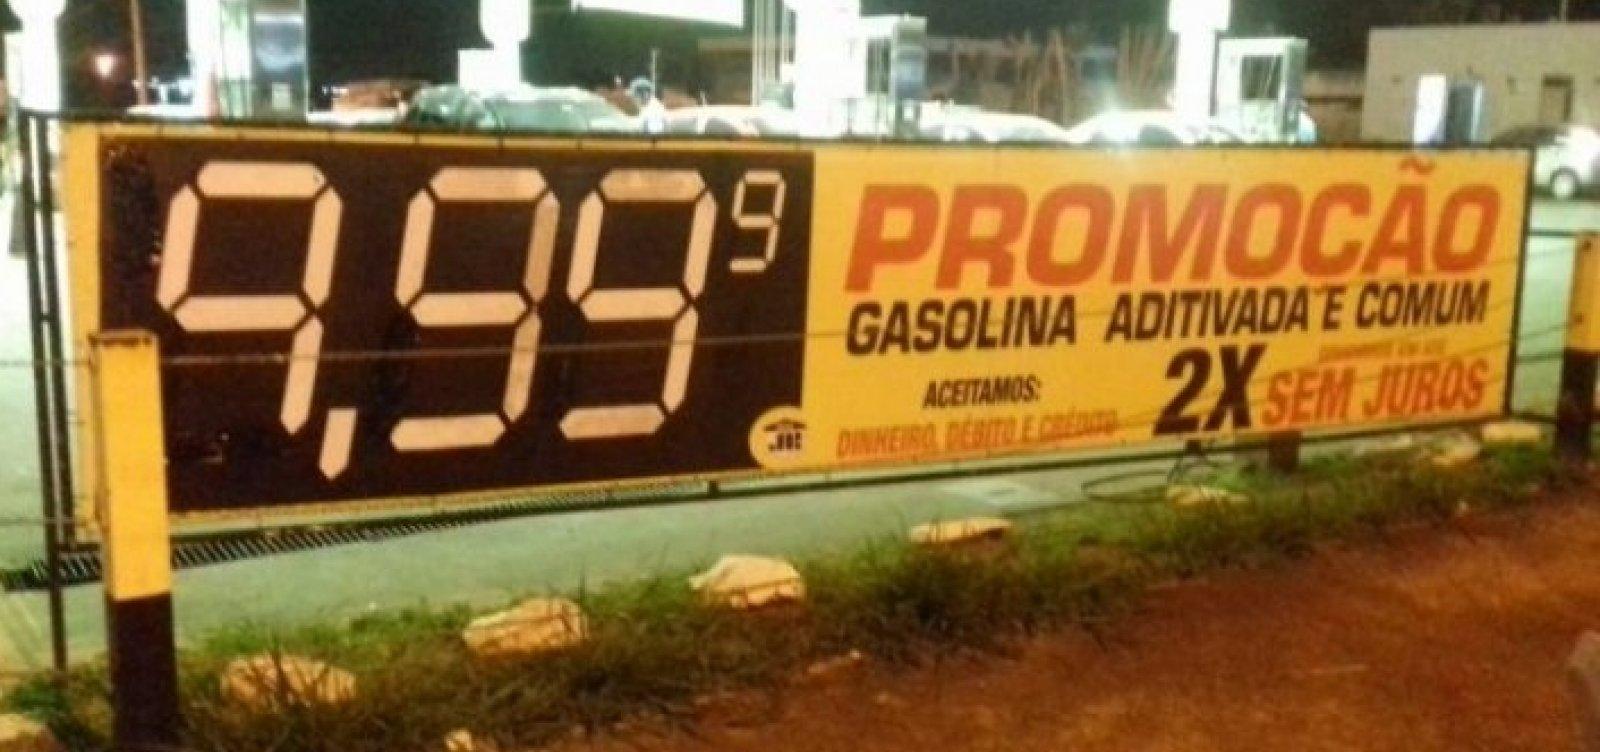 [Litro da gasolina chega a R$ 9,99 no Distrito Federal]